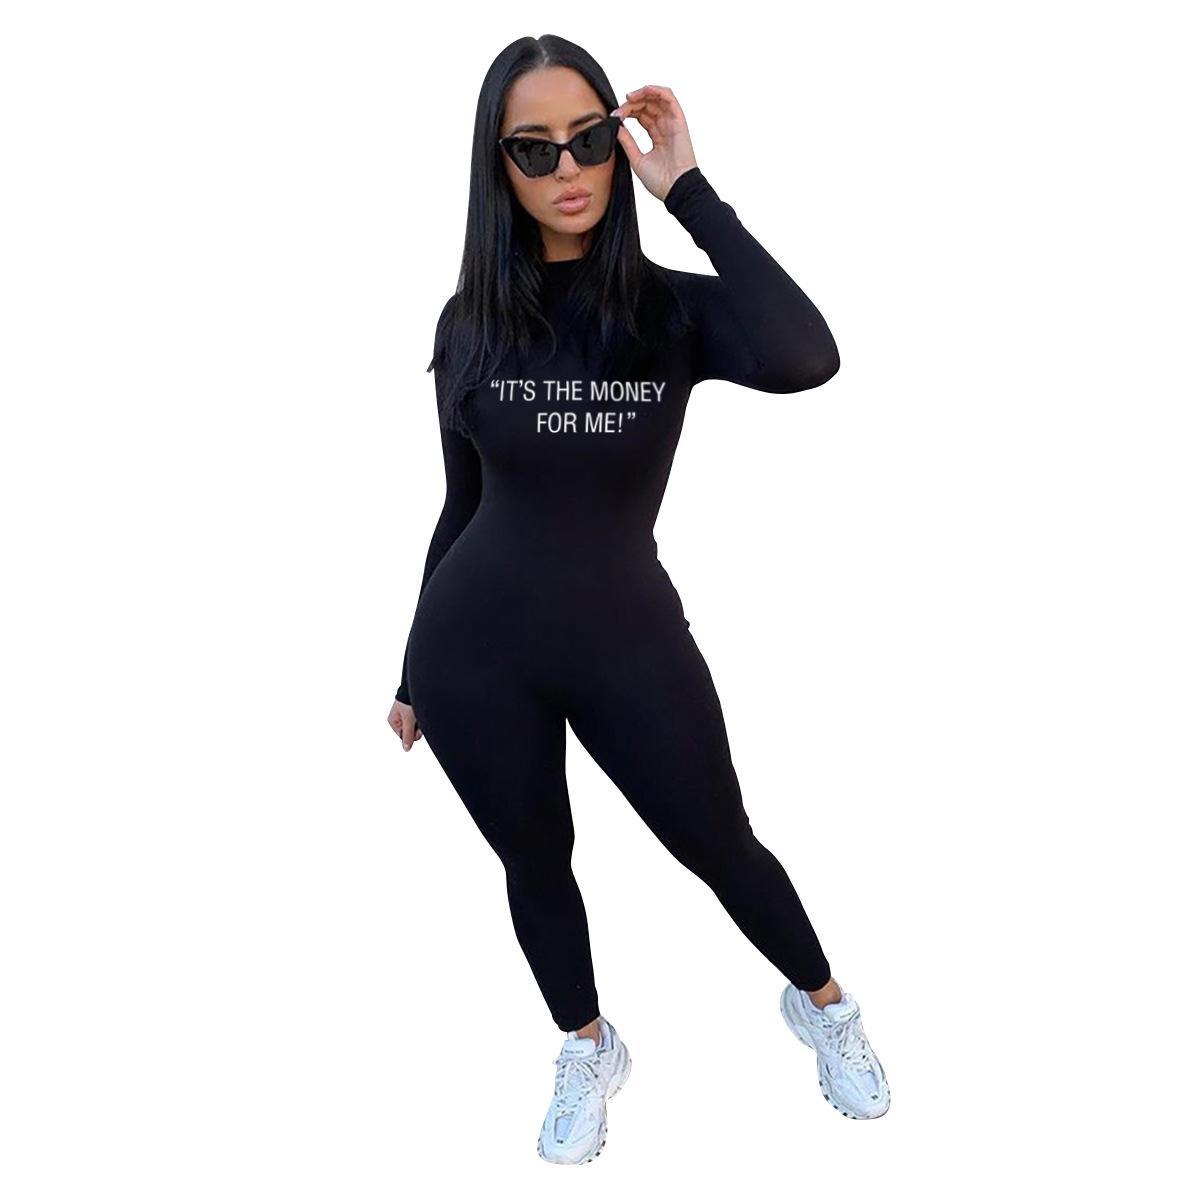 Jumpseaux occasionnels Jumpsuits à manches longues Turtleneck Body Sexy Body Femmes Black Lettre imprimée Bormon Bombeur en gros Dropshipping